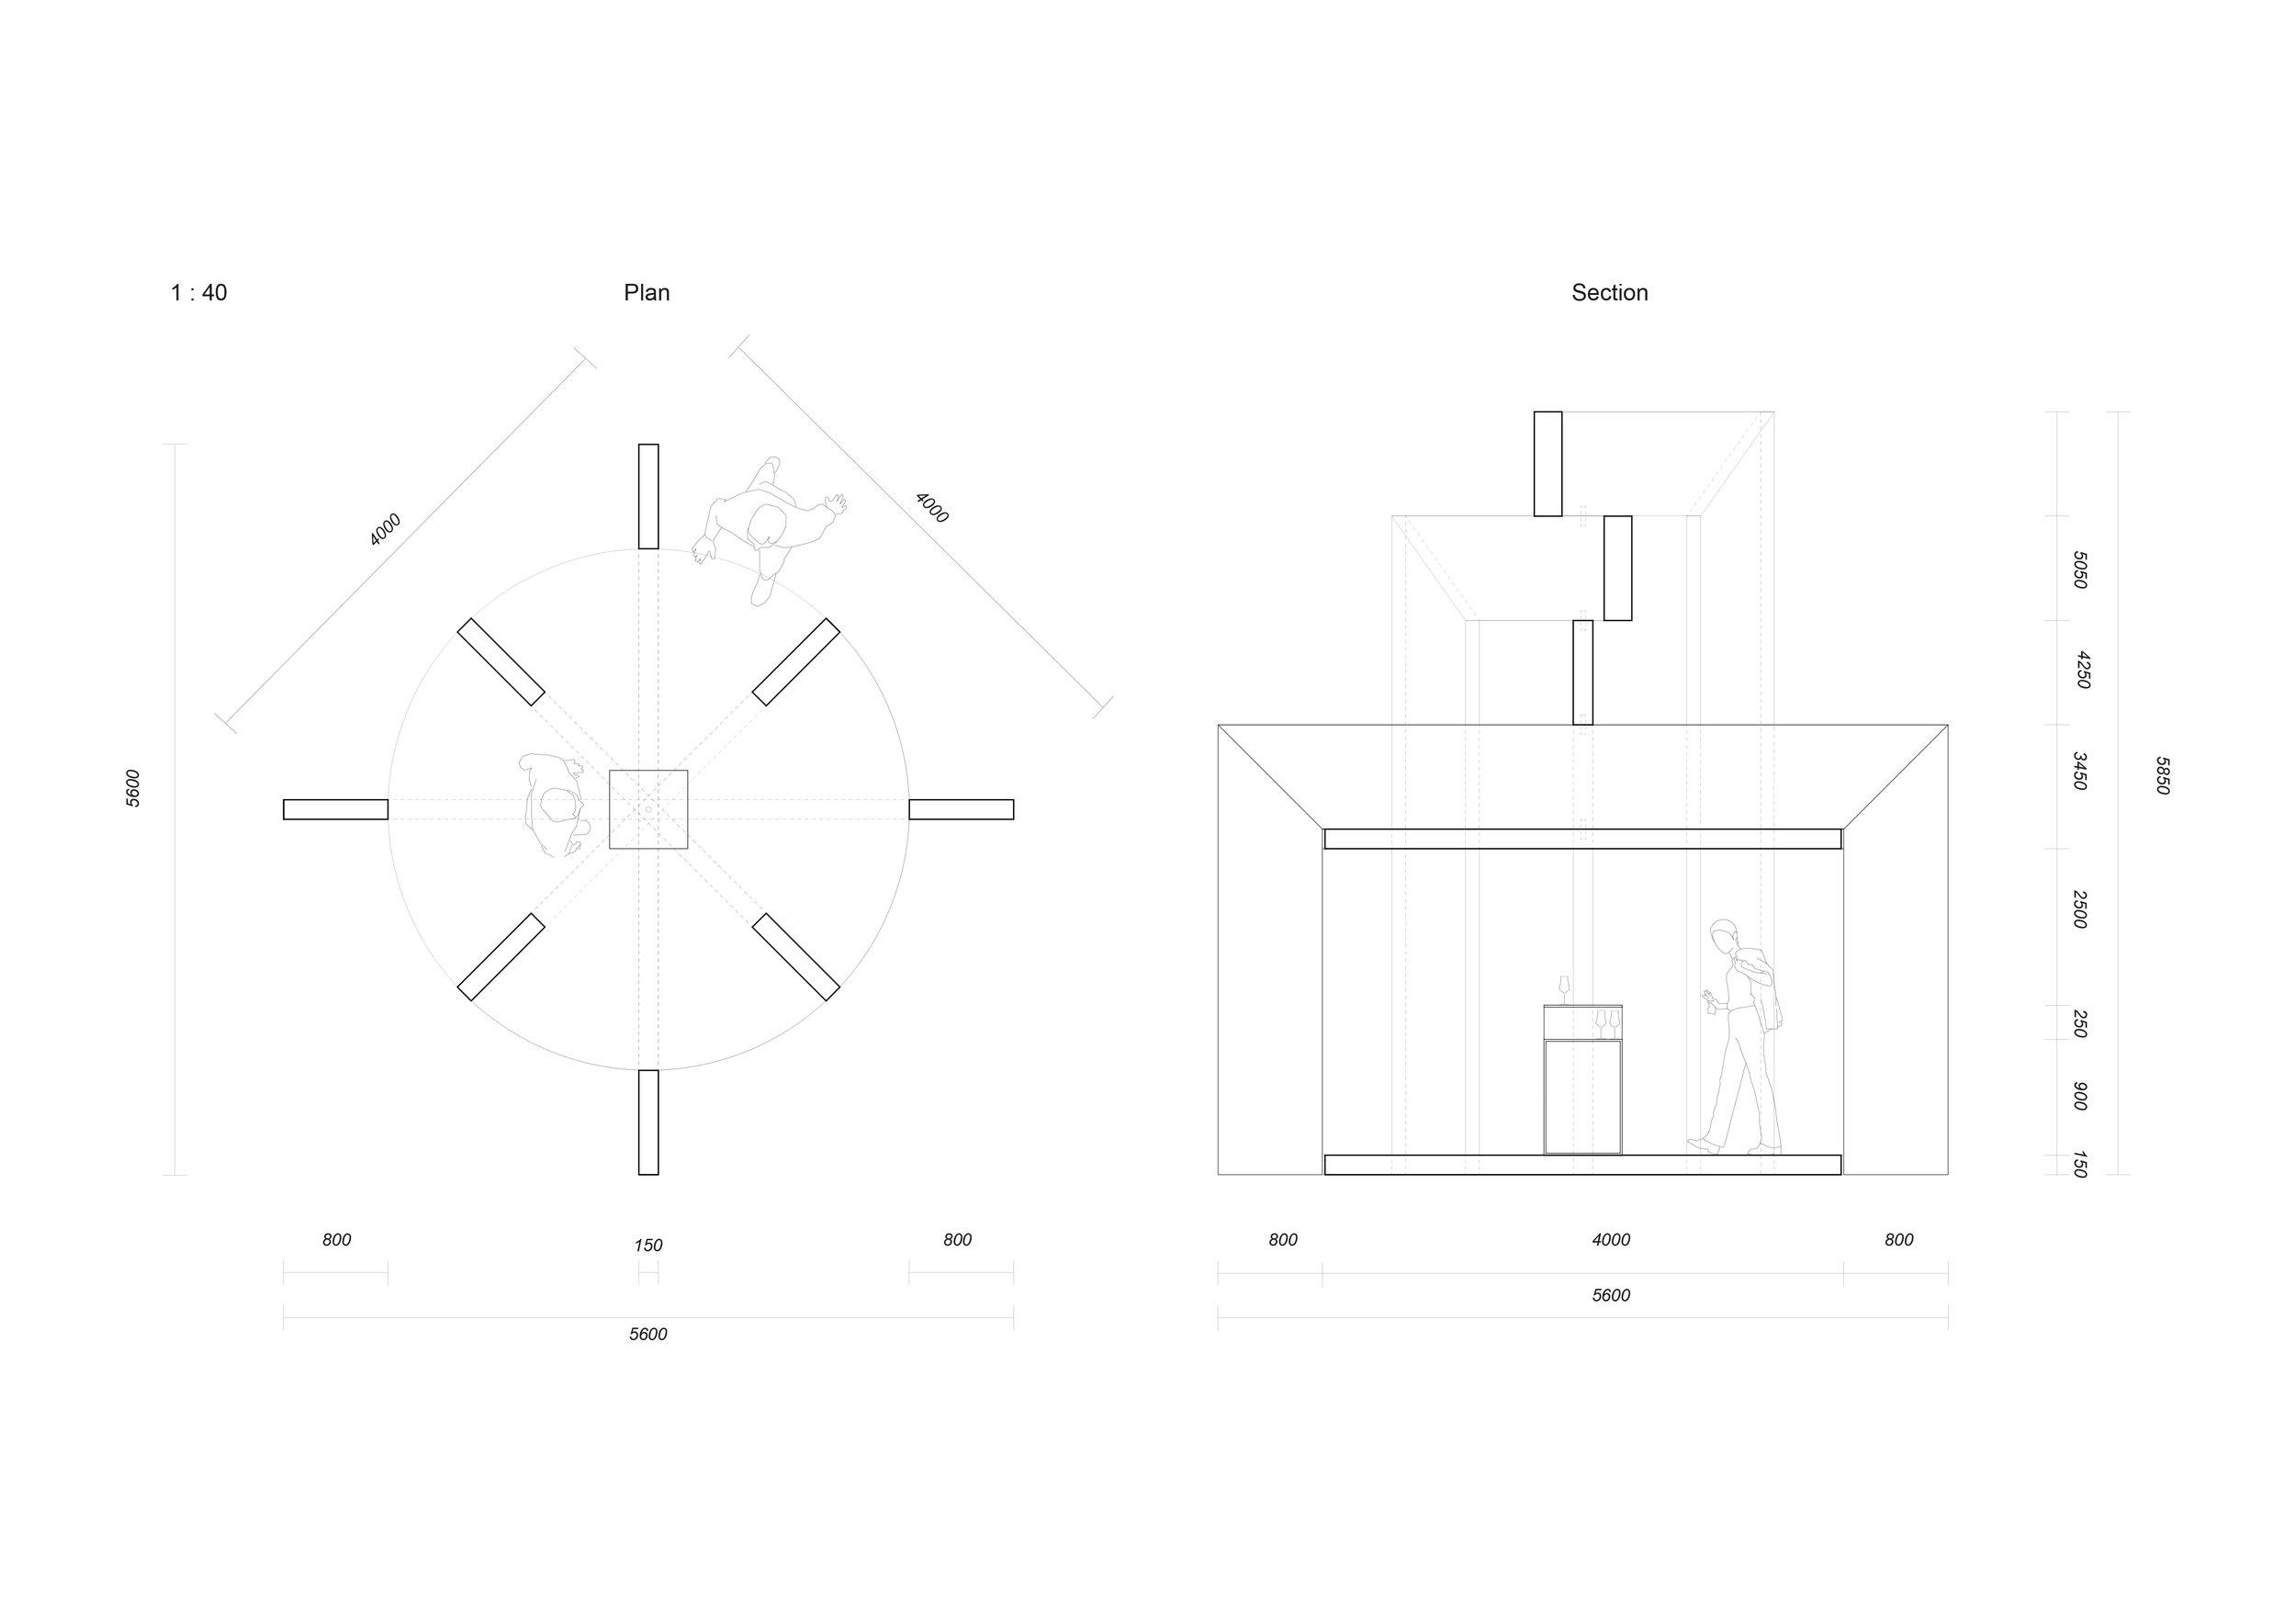 teknisketegninger-chart (1).jpg